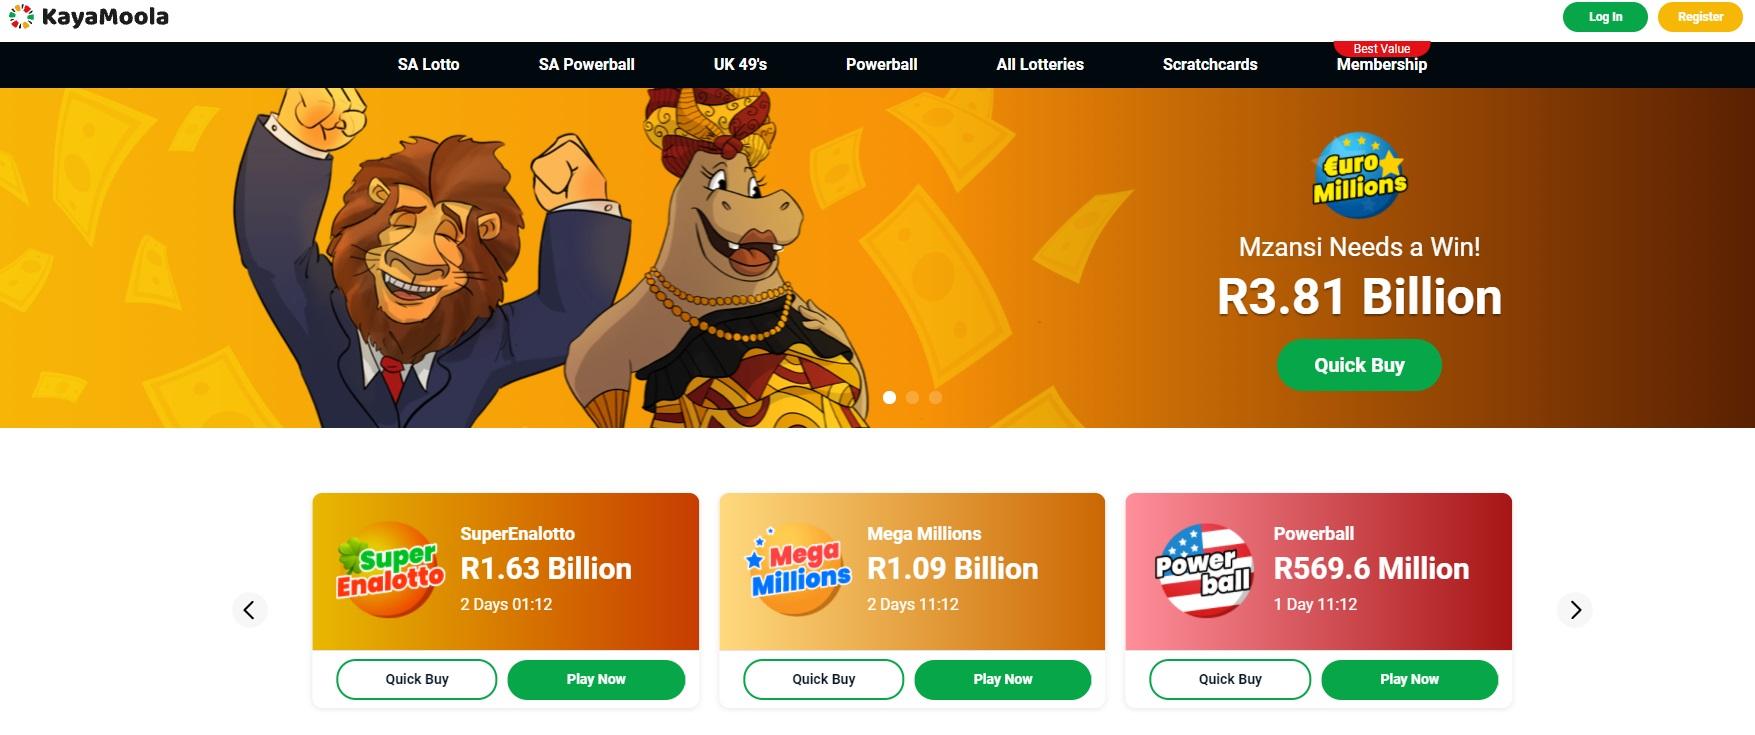 https://www.kayamoola.co.za/lotteries